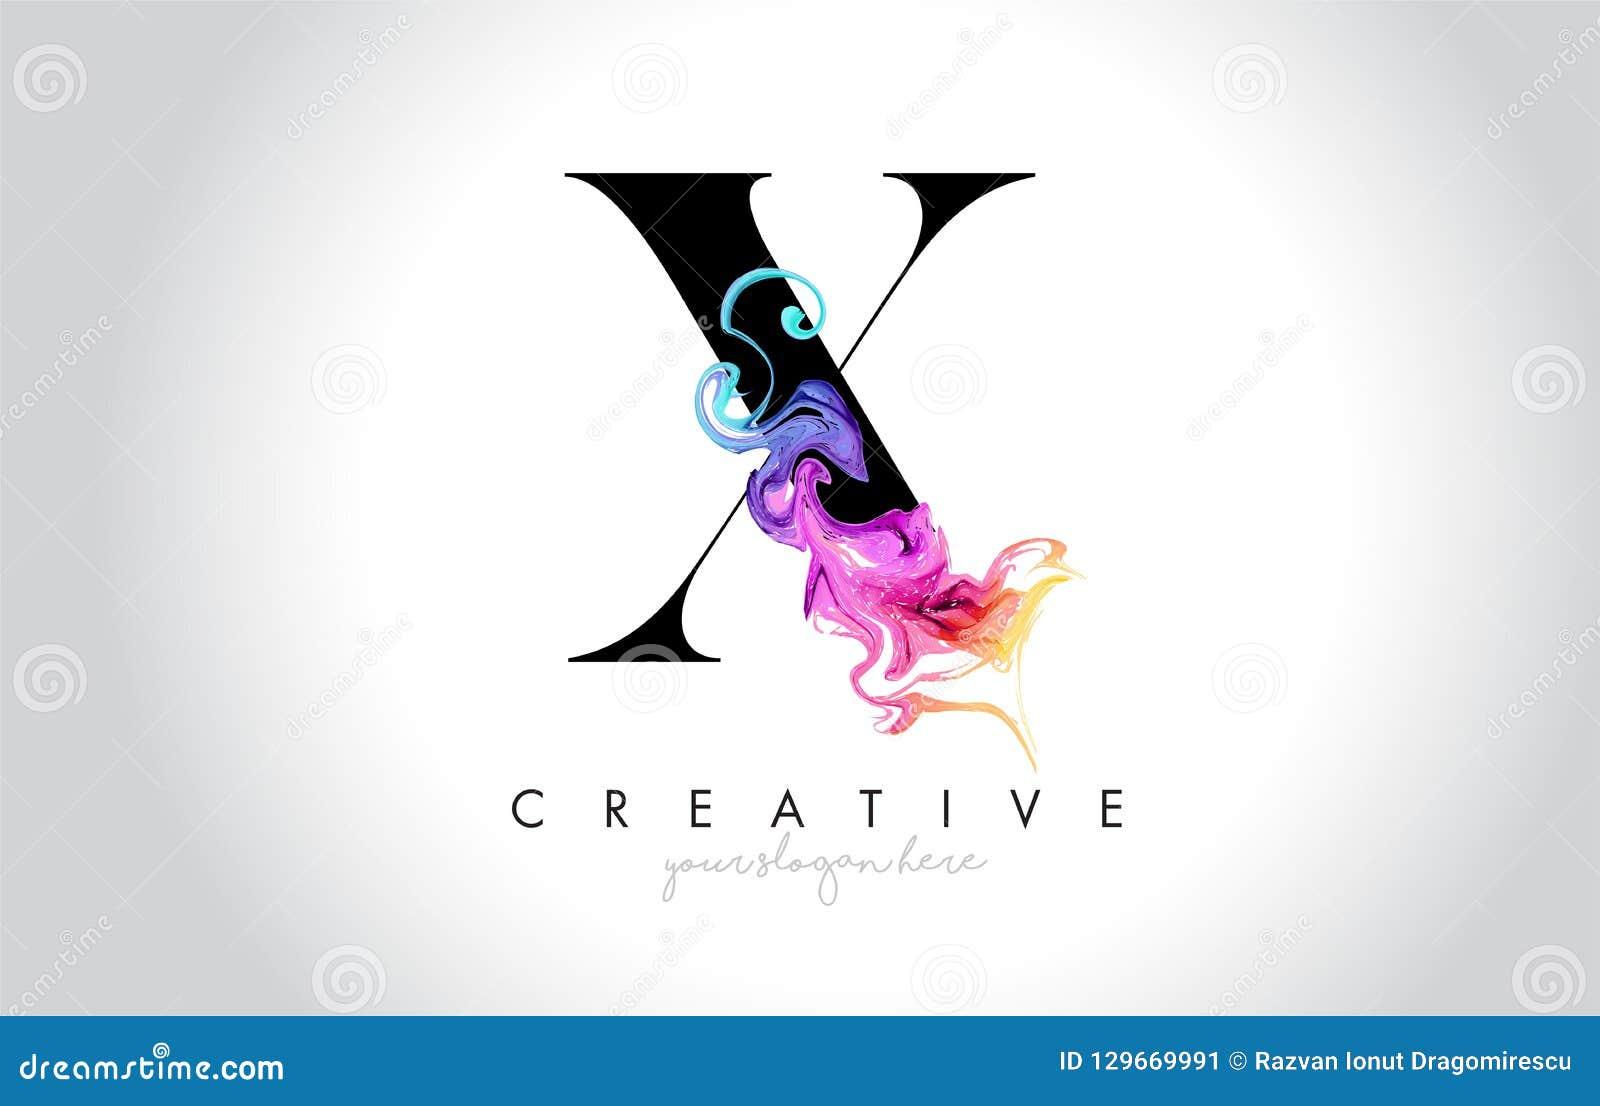 X与五颜六色的烟墨水Flo的充满活力的创造性的Leter商标设计